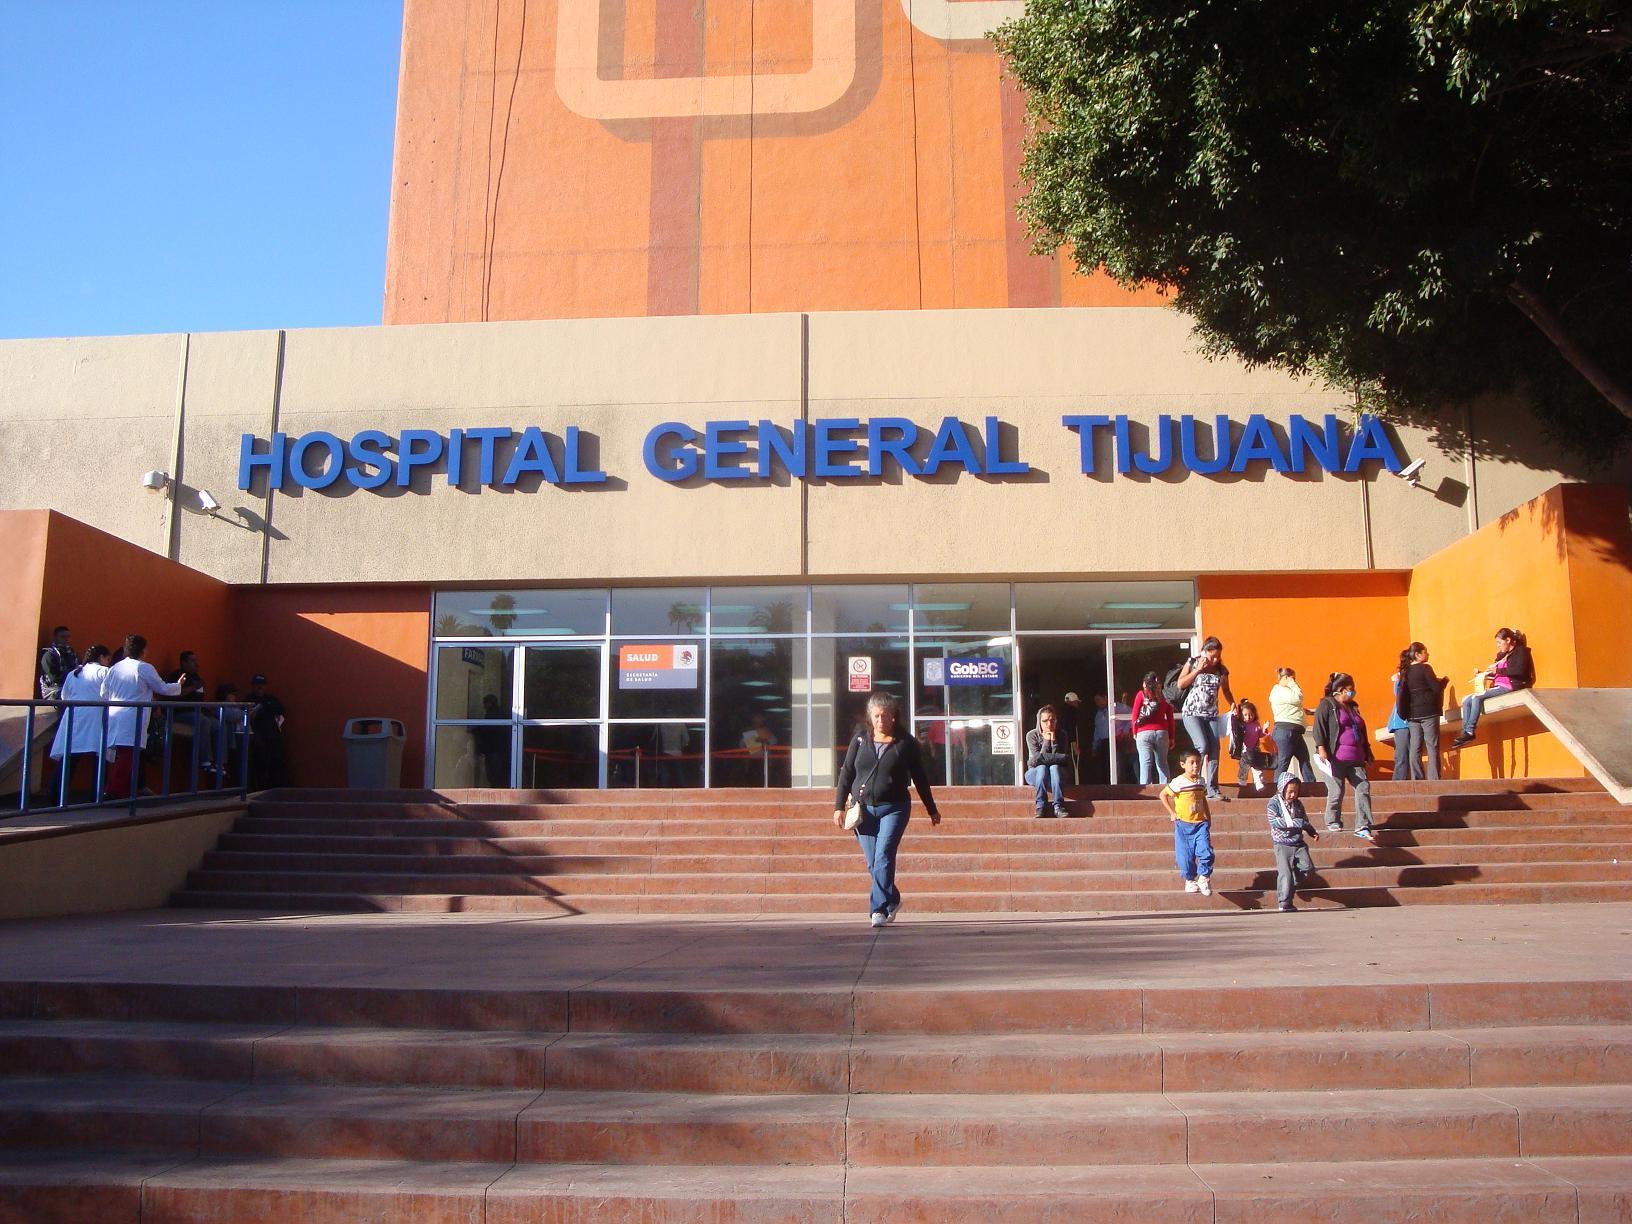 Con el propósito de evitar afectaciones a la salud derivadas de una deficiente alimentación, especialistas del Hospital General de Tijuana emitieron recomendaciones nutricionales a la población